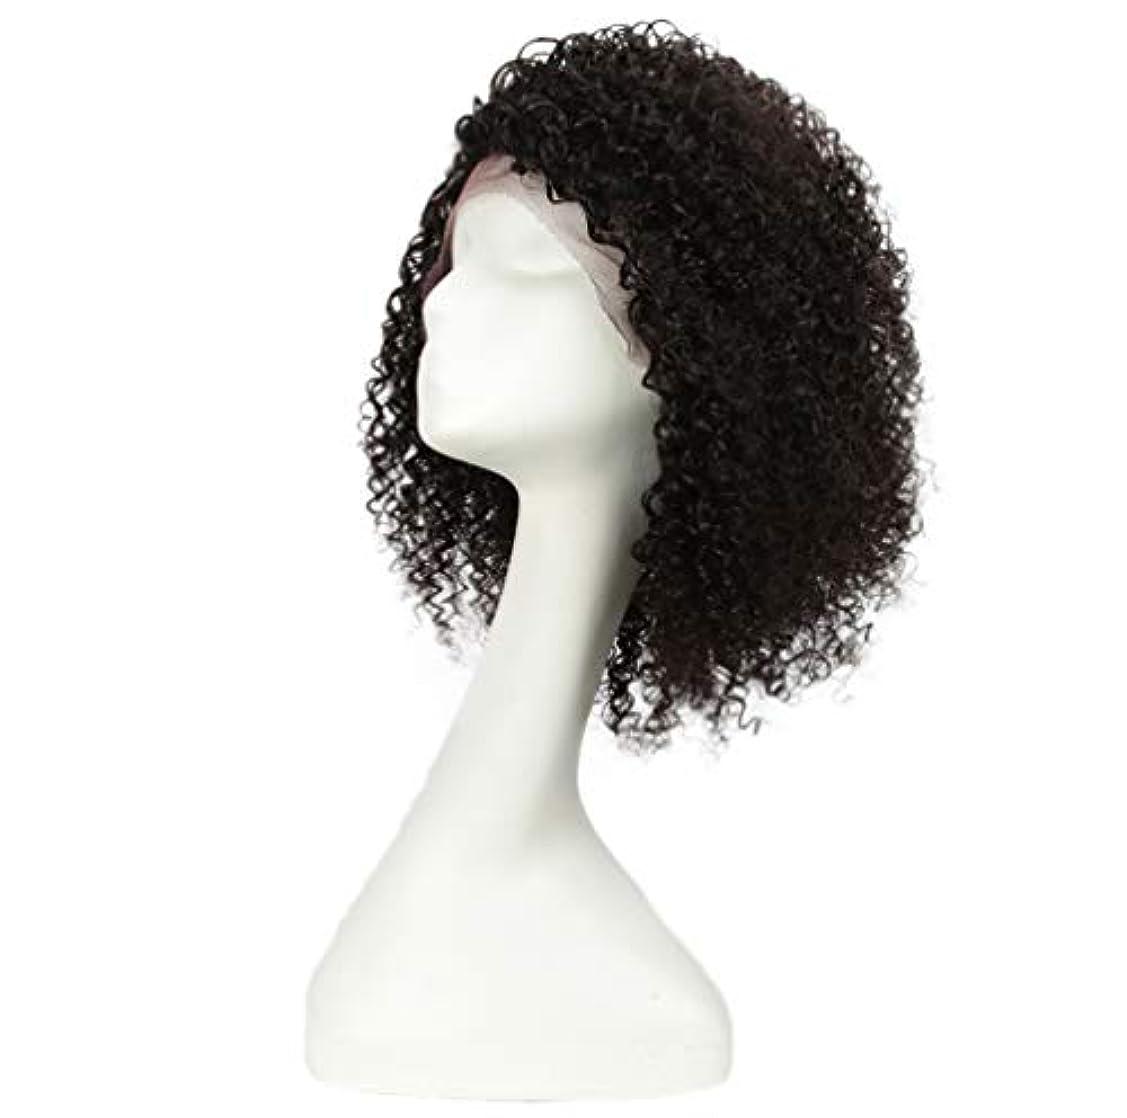 誘発するラリーベルモント作ります女性ウィッグ人毛13 * 6レースフロントボディウェーブ150%密度バージン未処理バージンブラジル人髪なしかつら